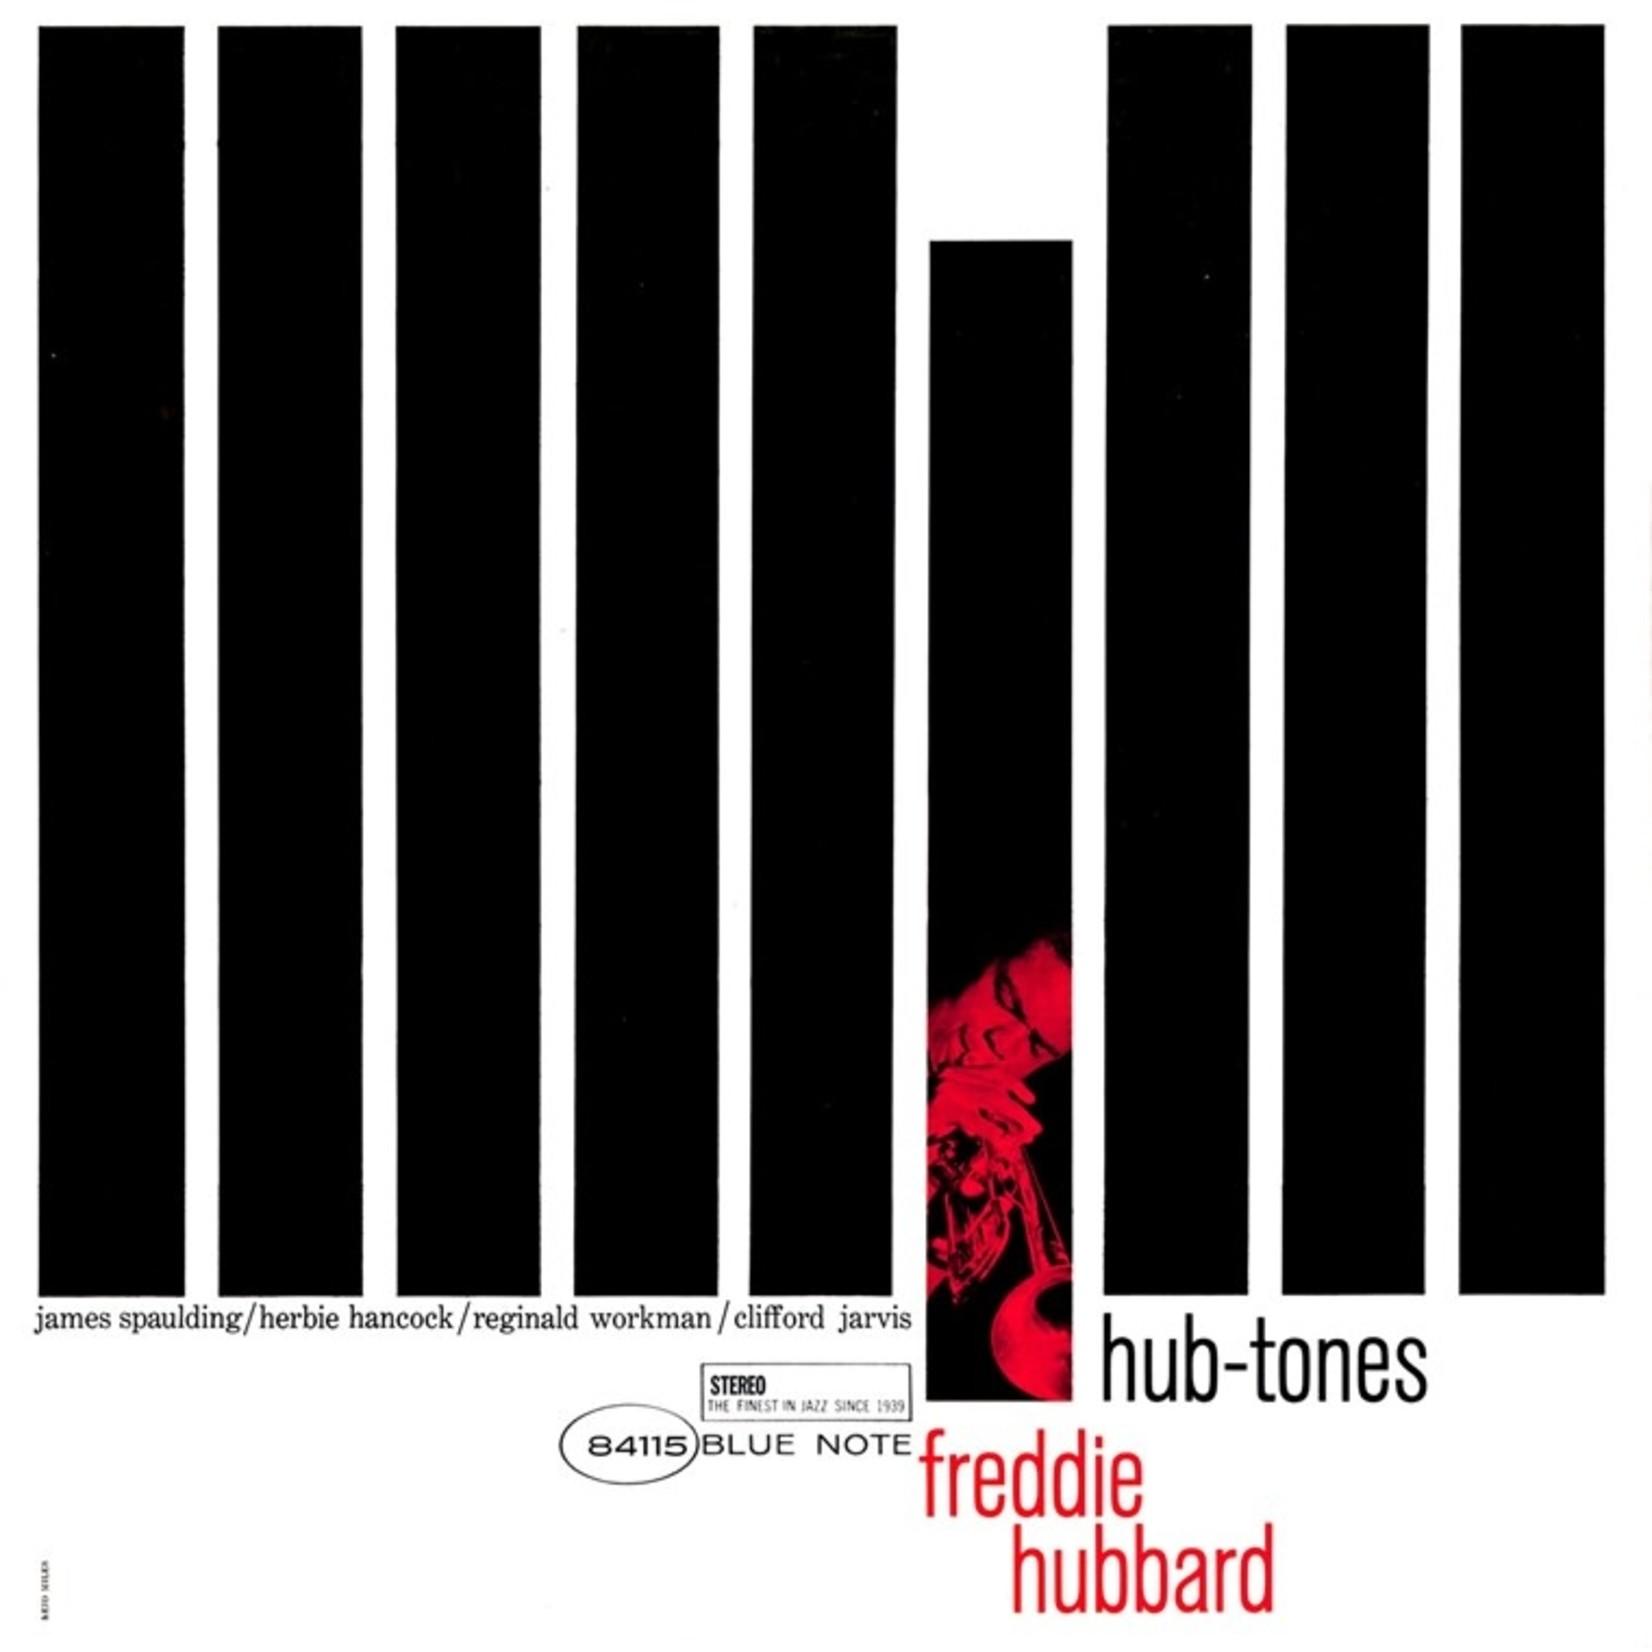 [New] Hubbard, Freddie: Hub-Tones (Blue Note 80 Series)